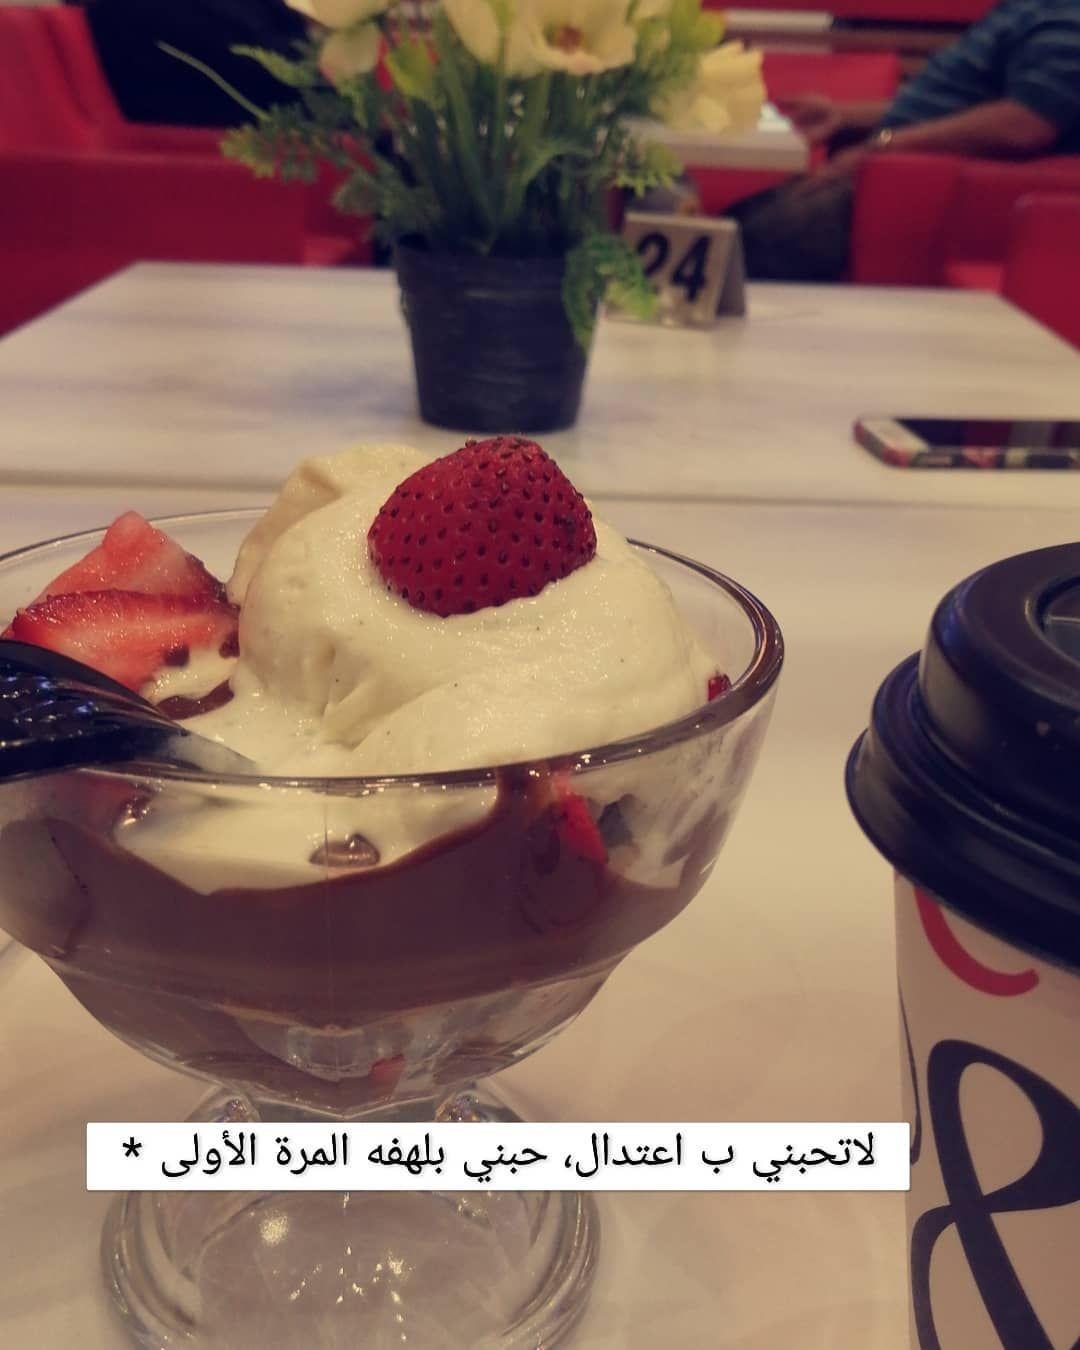 #هاشتاق #صباح_الخير  #مساء_الخير  #goodmorning #good_night  #love  #coffee  #ice